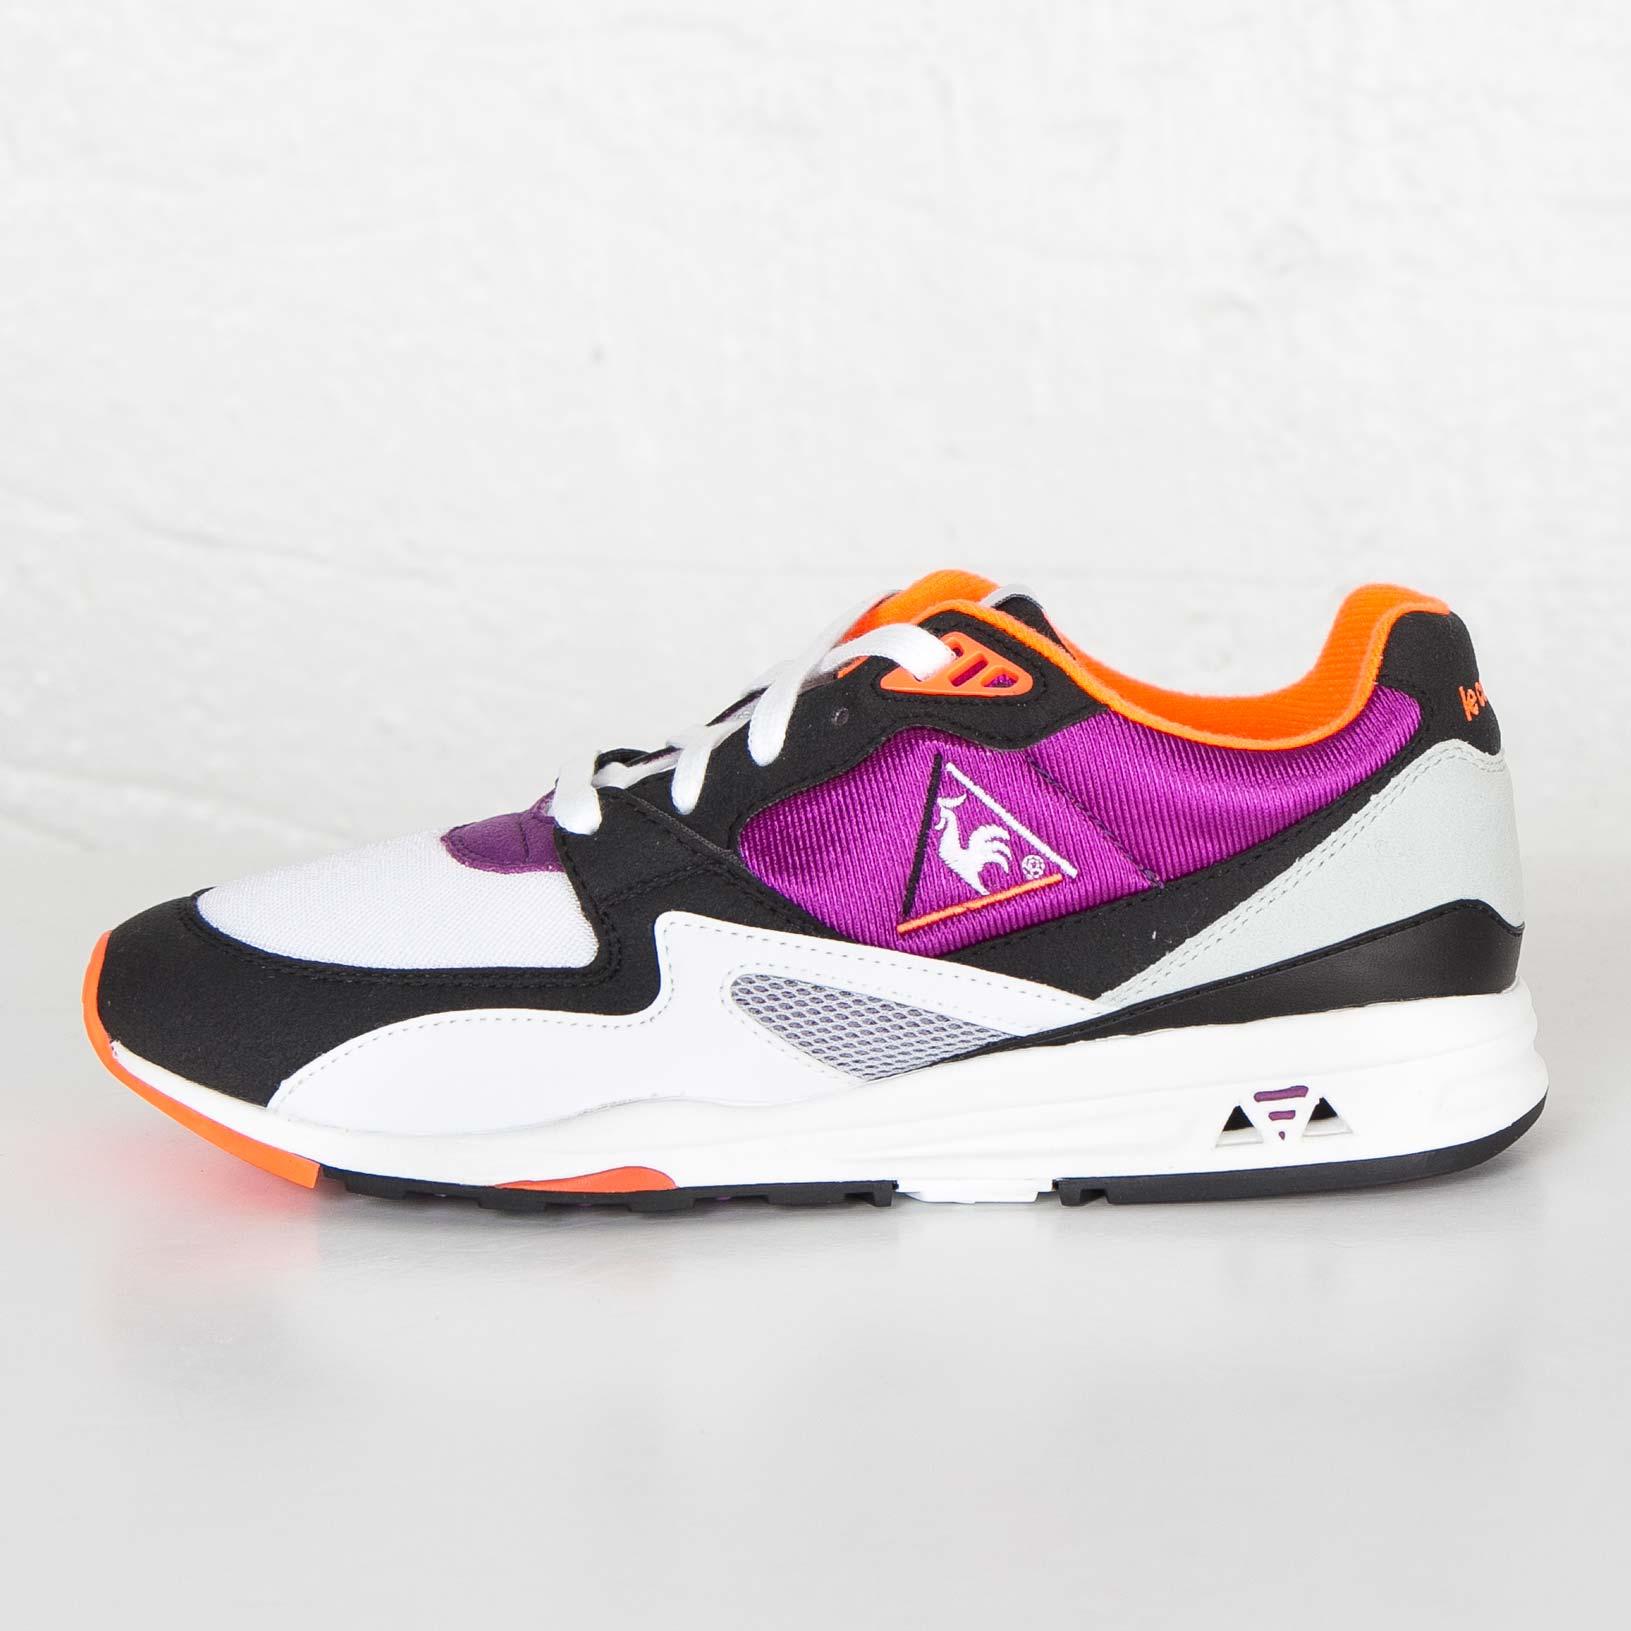 2e18fdf3e3b0 Le Coq Sportif LCS R800 Classic - 1611410 - Sneakersnstuff ...